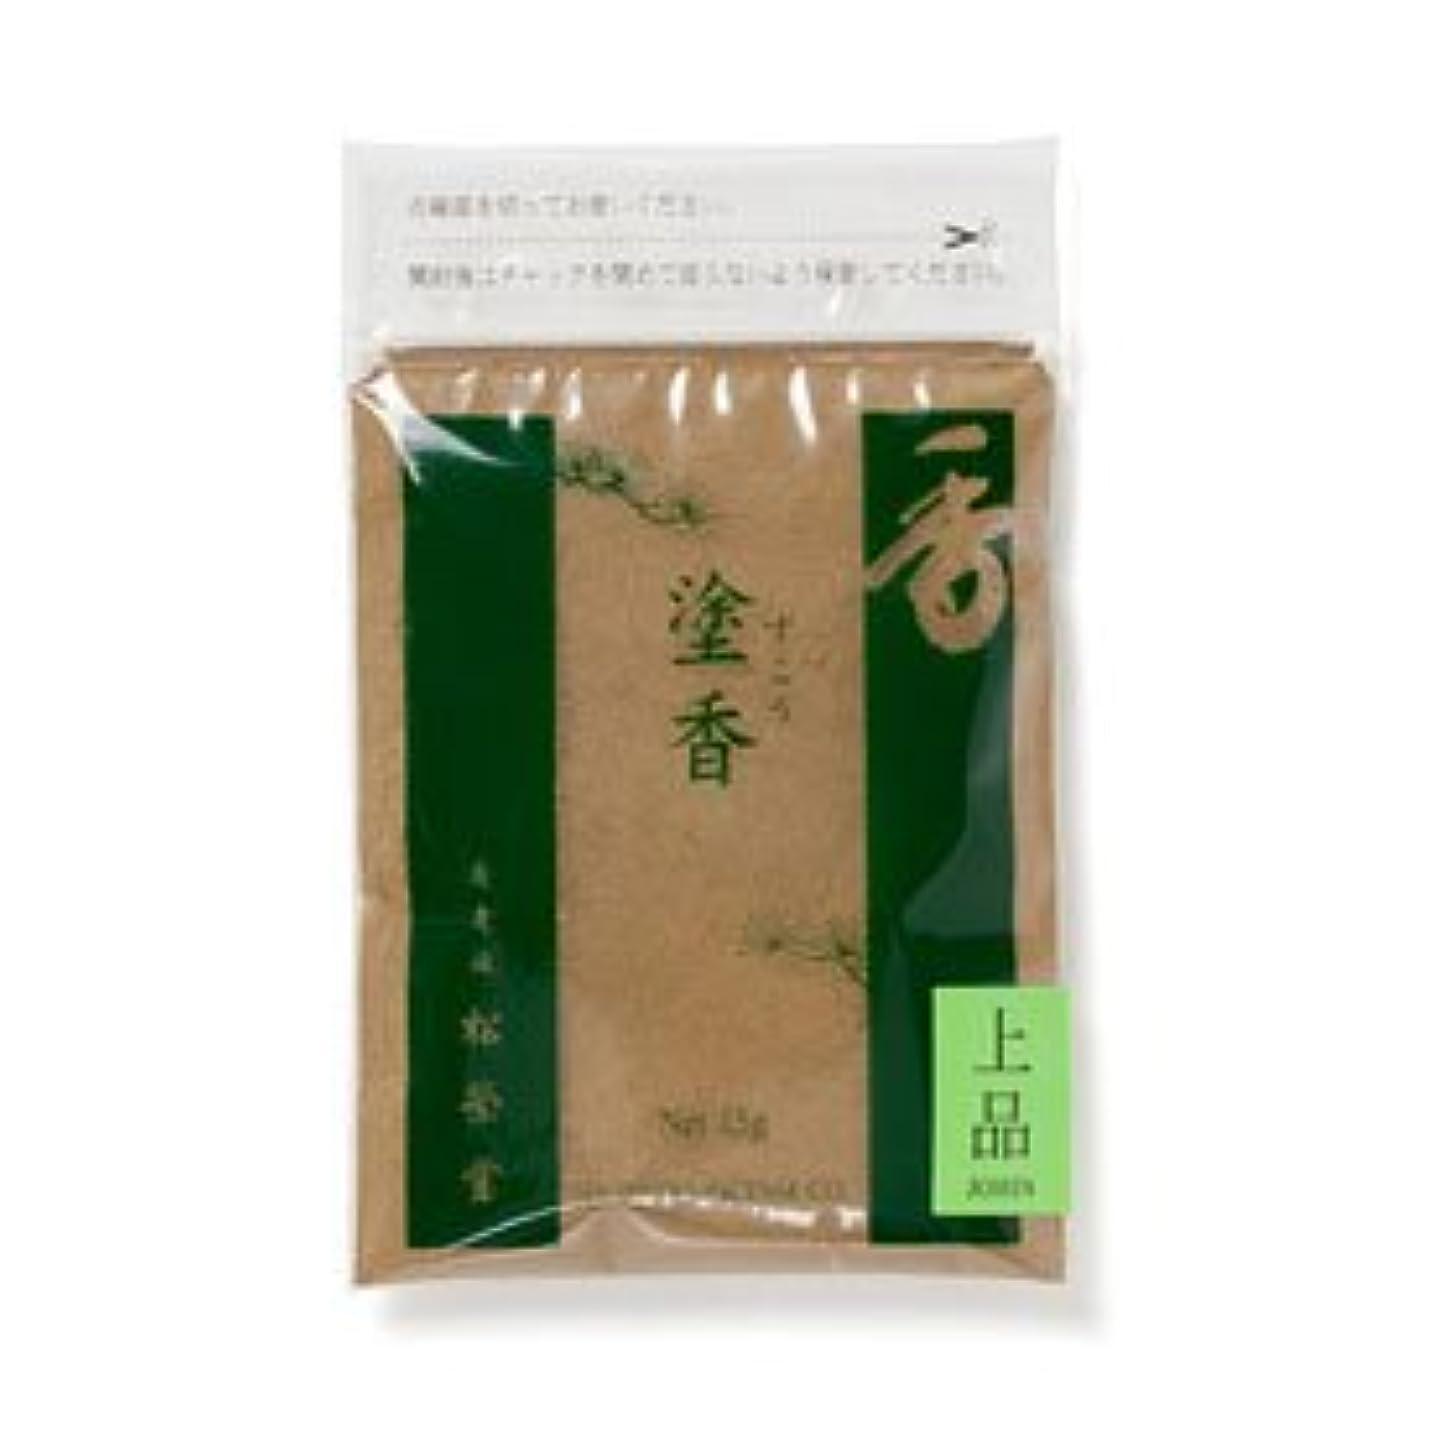 影響を受けやすいです持続するパテ上品塗香 塗香 15g 松栄堂 ずこう